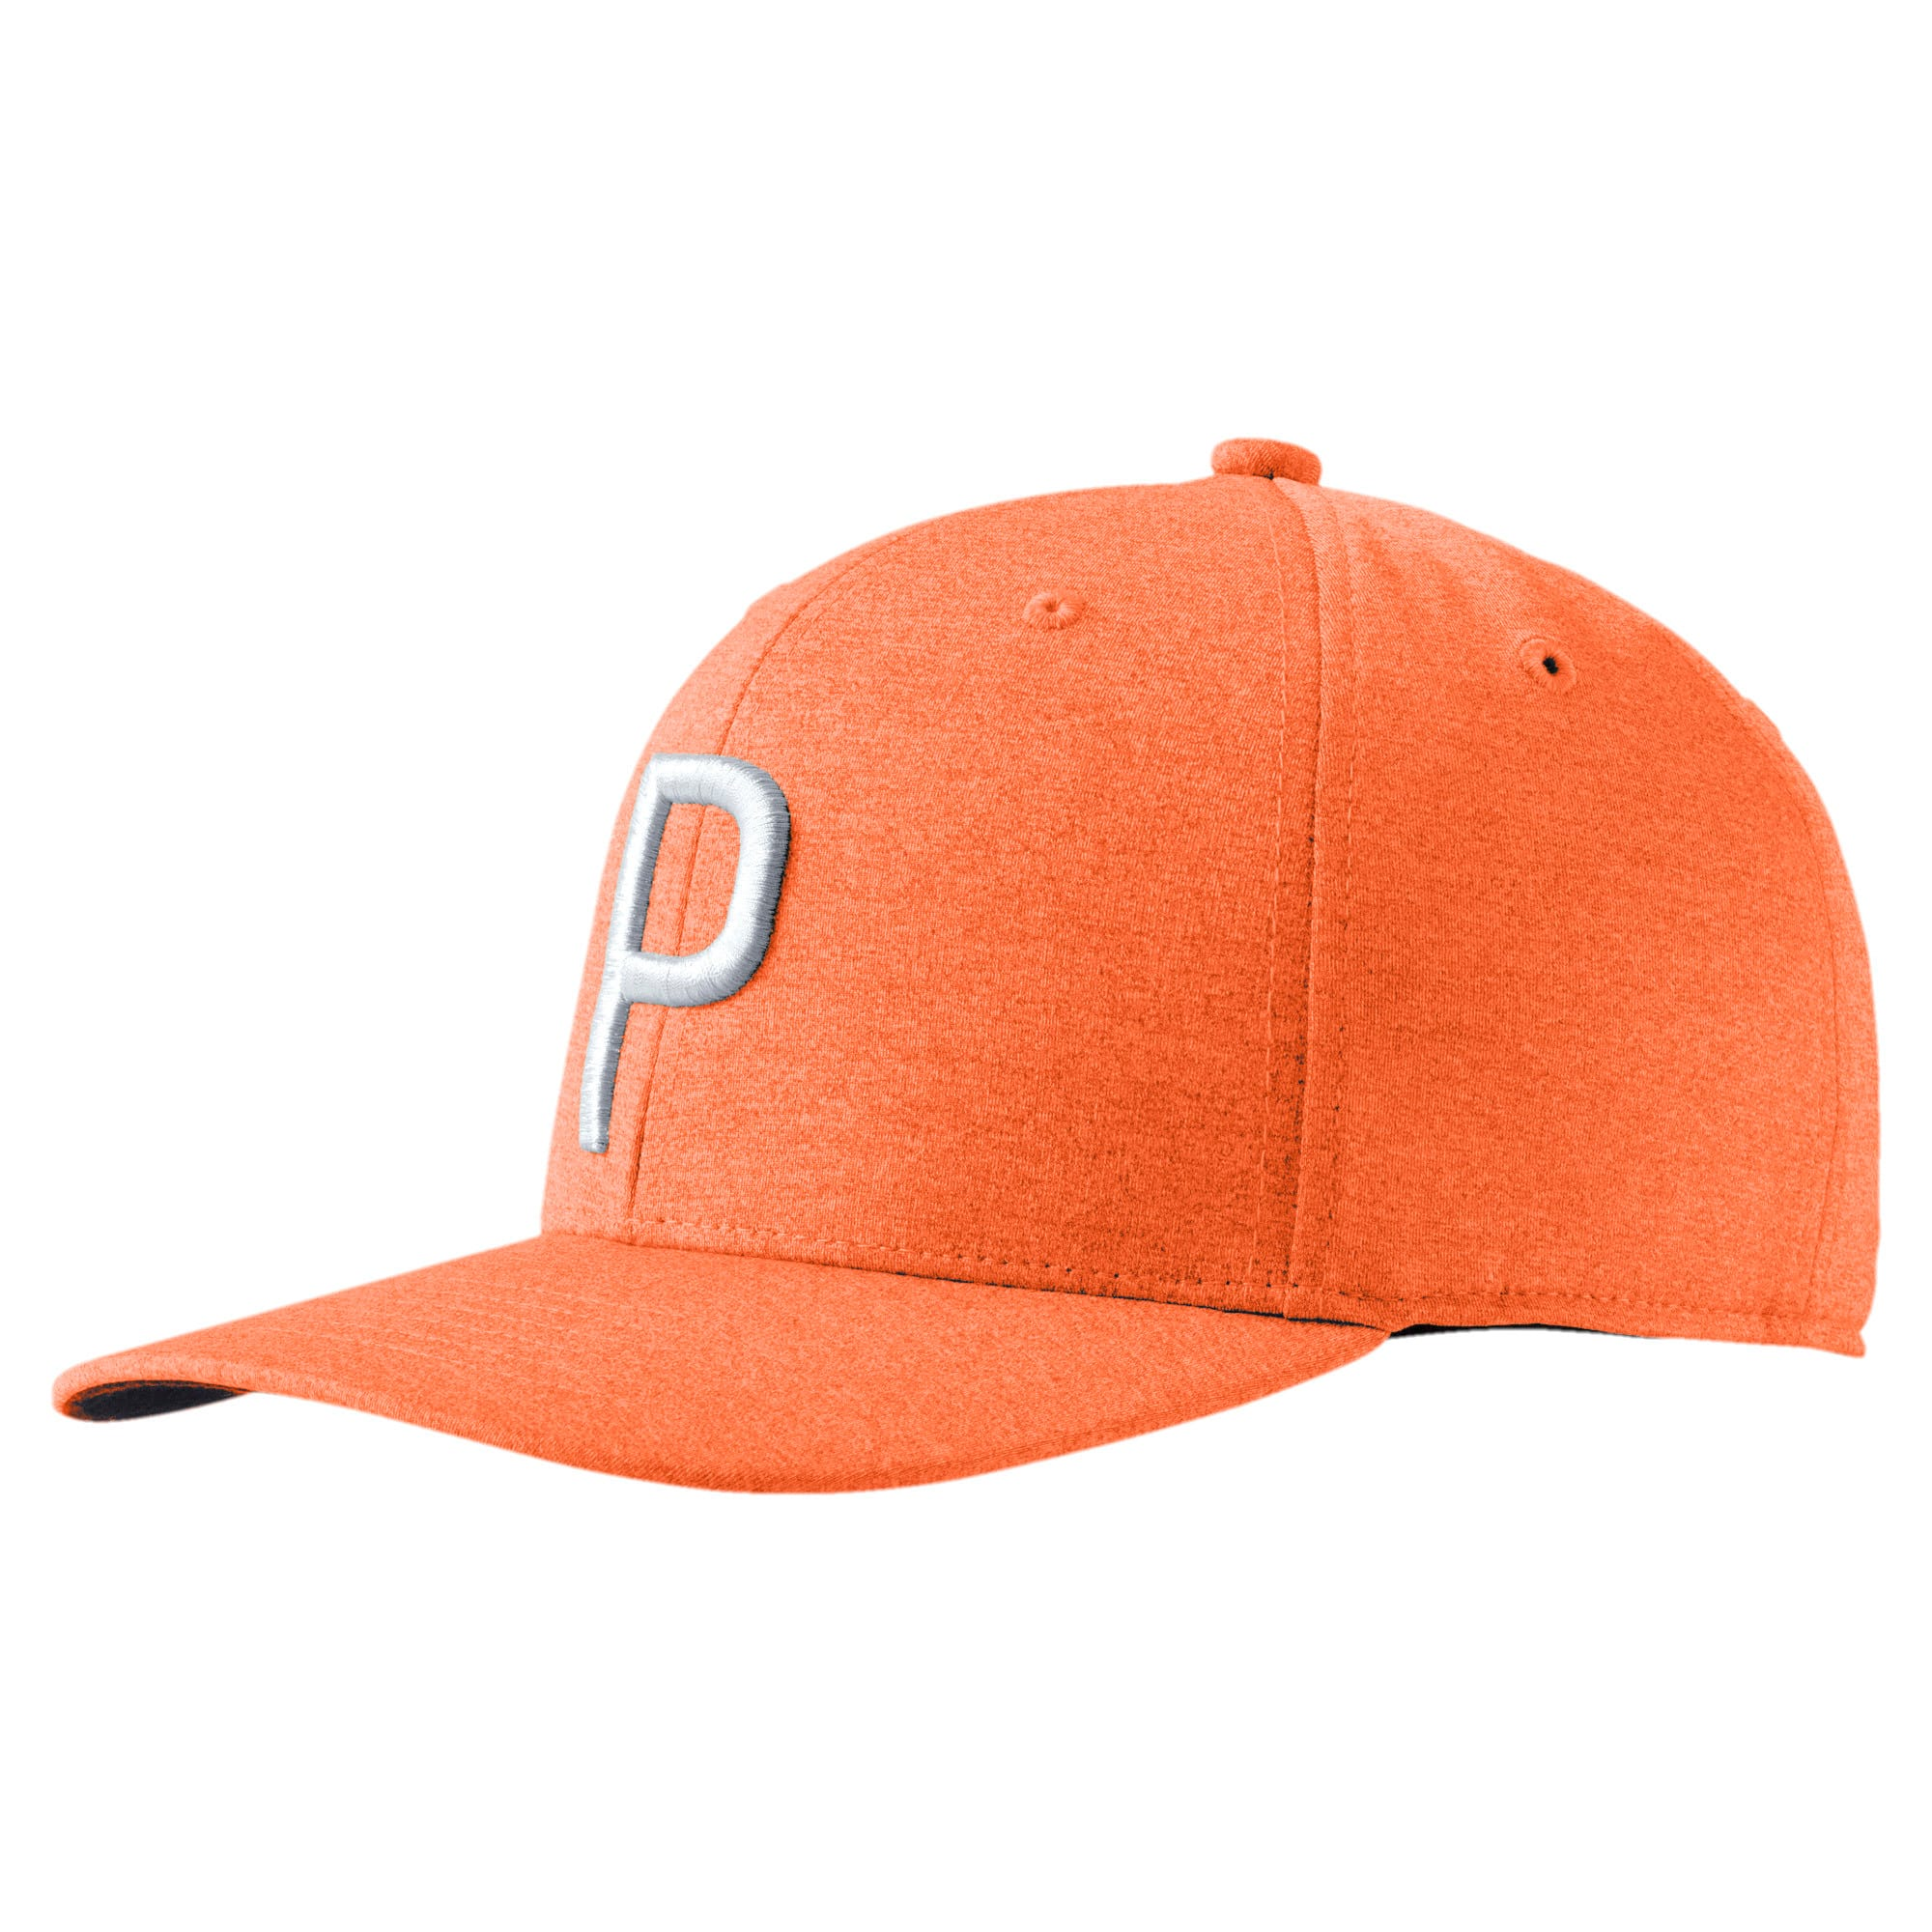 Miniatura 1 de Gorra P con cierre a presión, Vibrant Orange, mediano